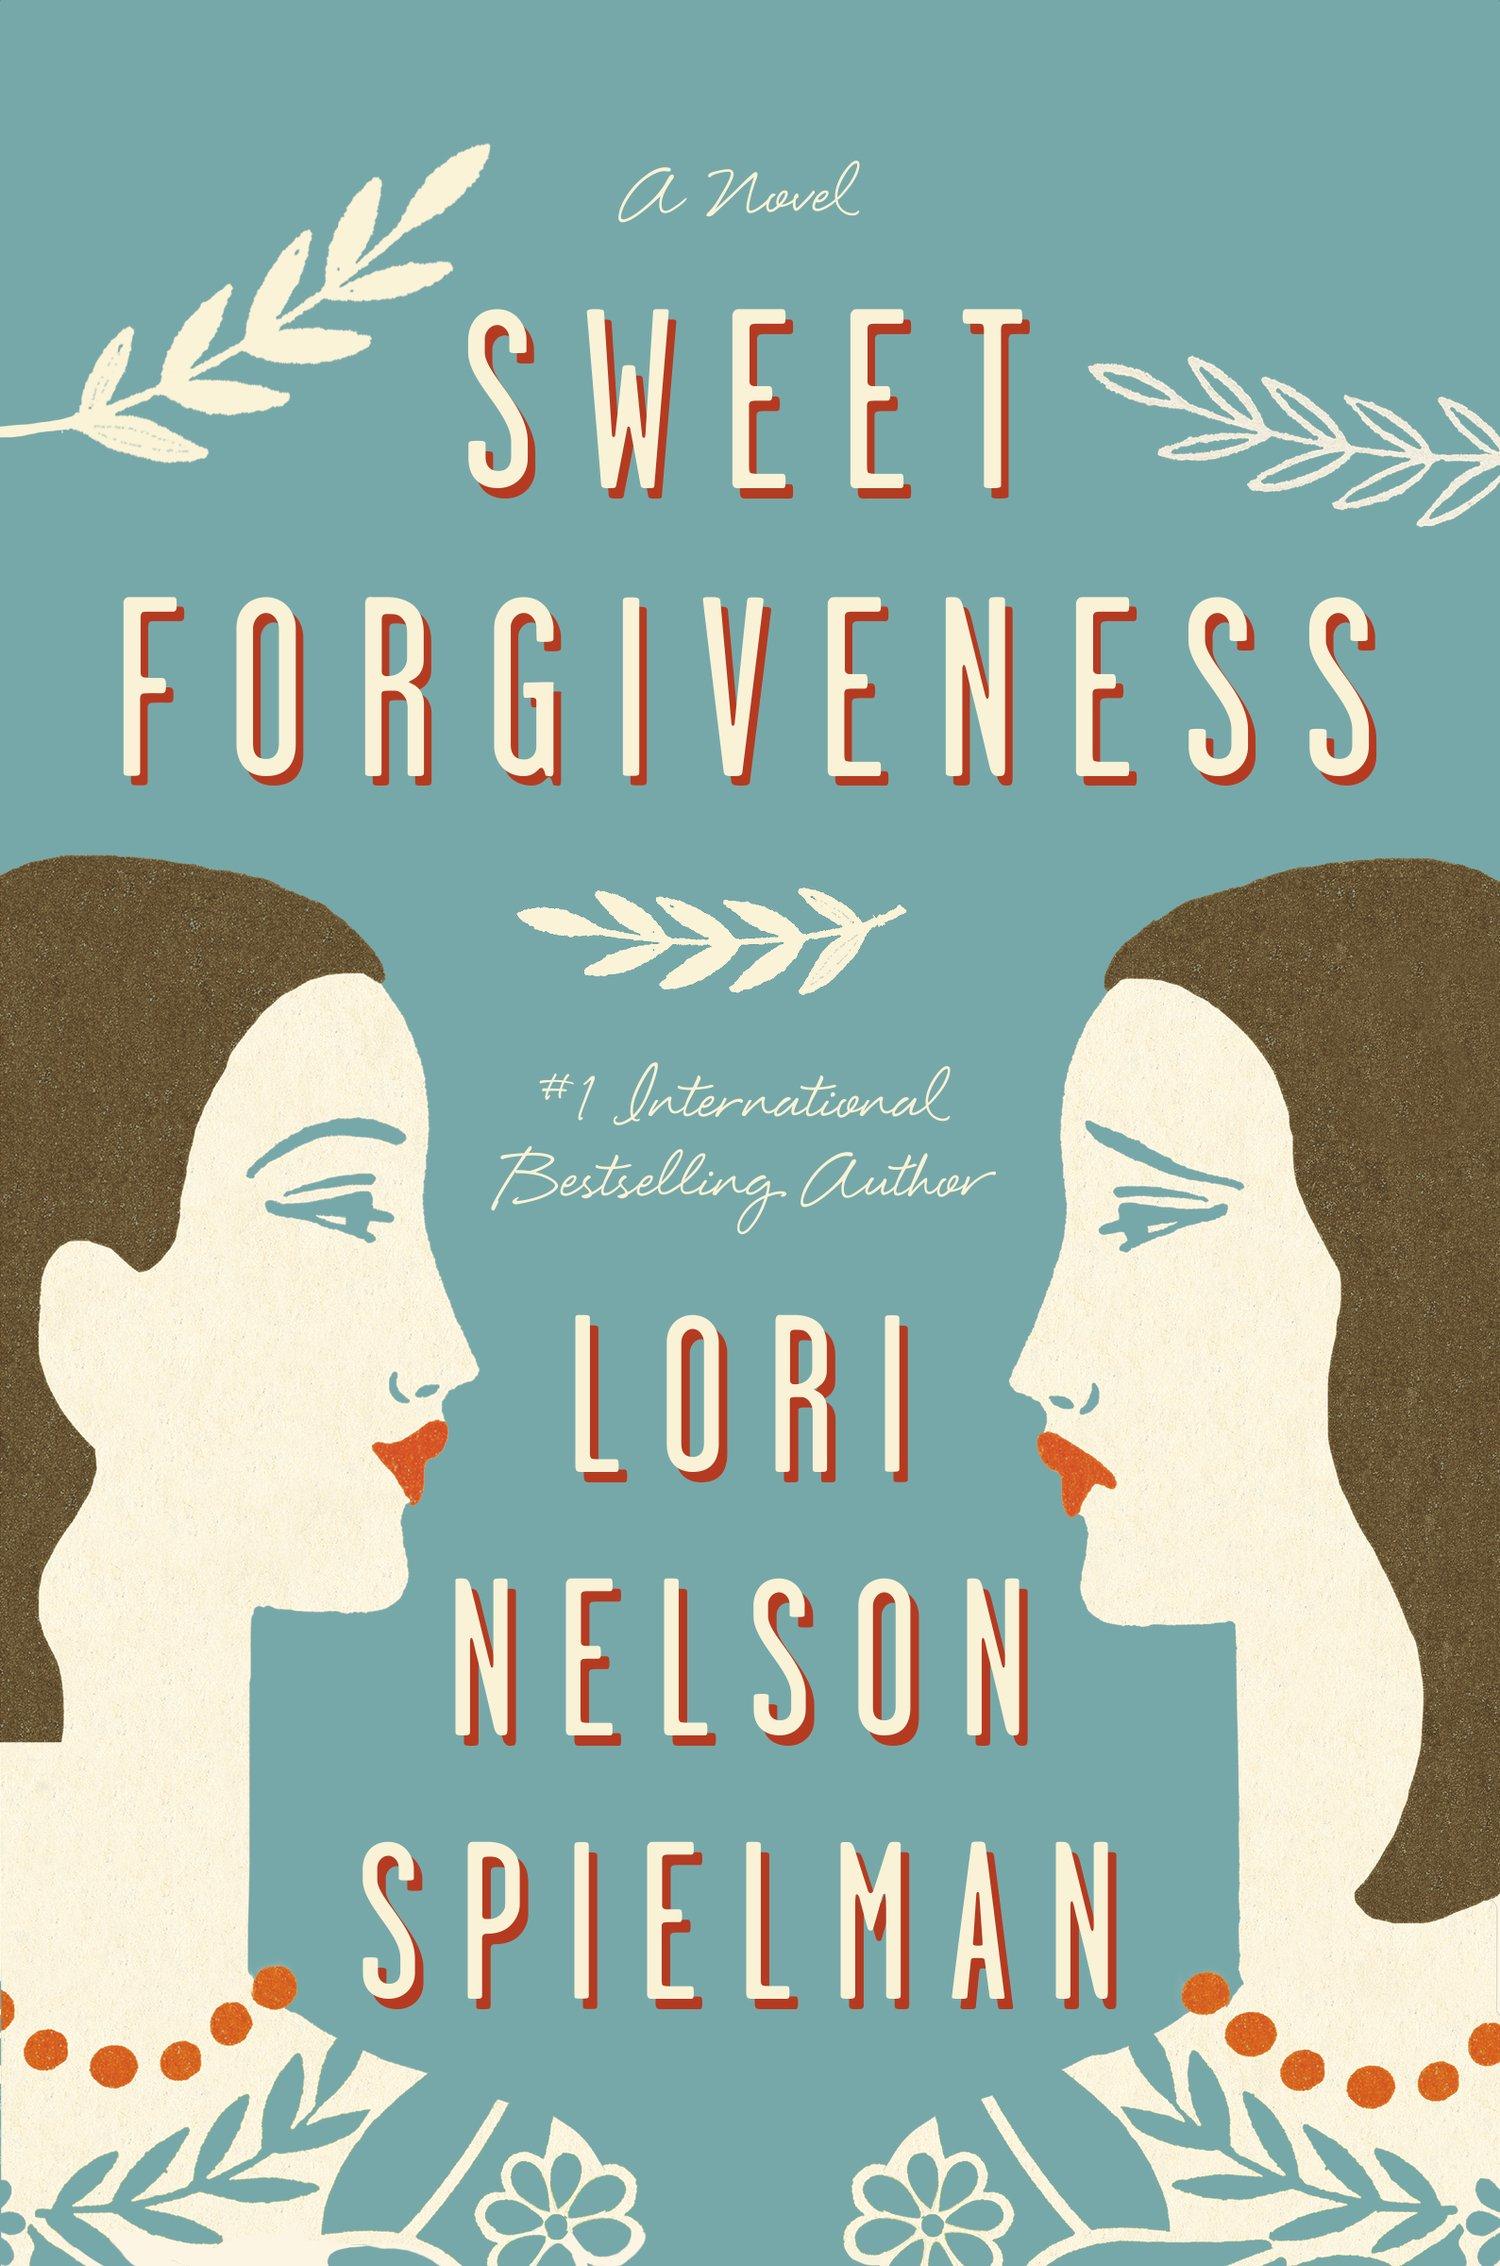 SWEET FORGIVENESS BY LORI NELSON SPIELMAN